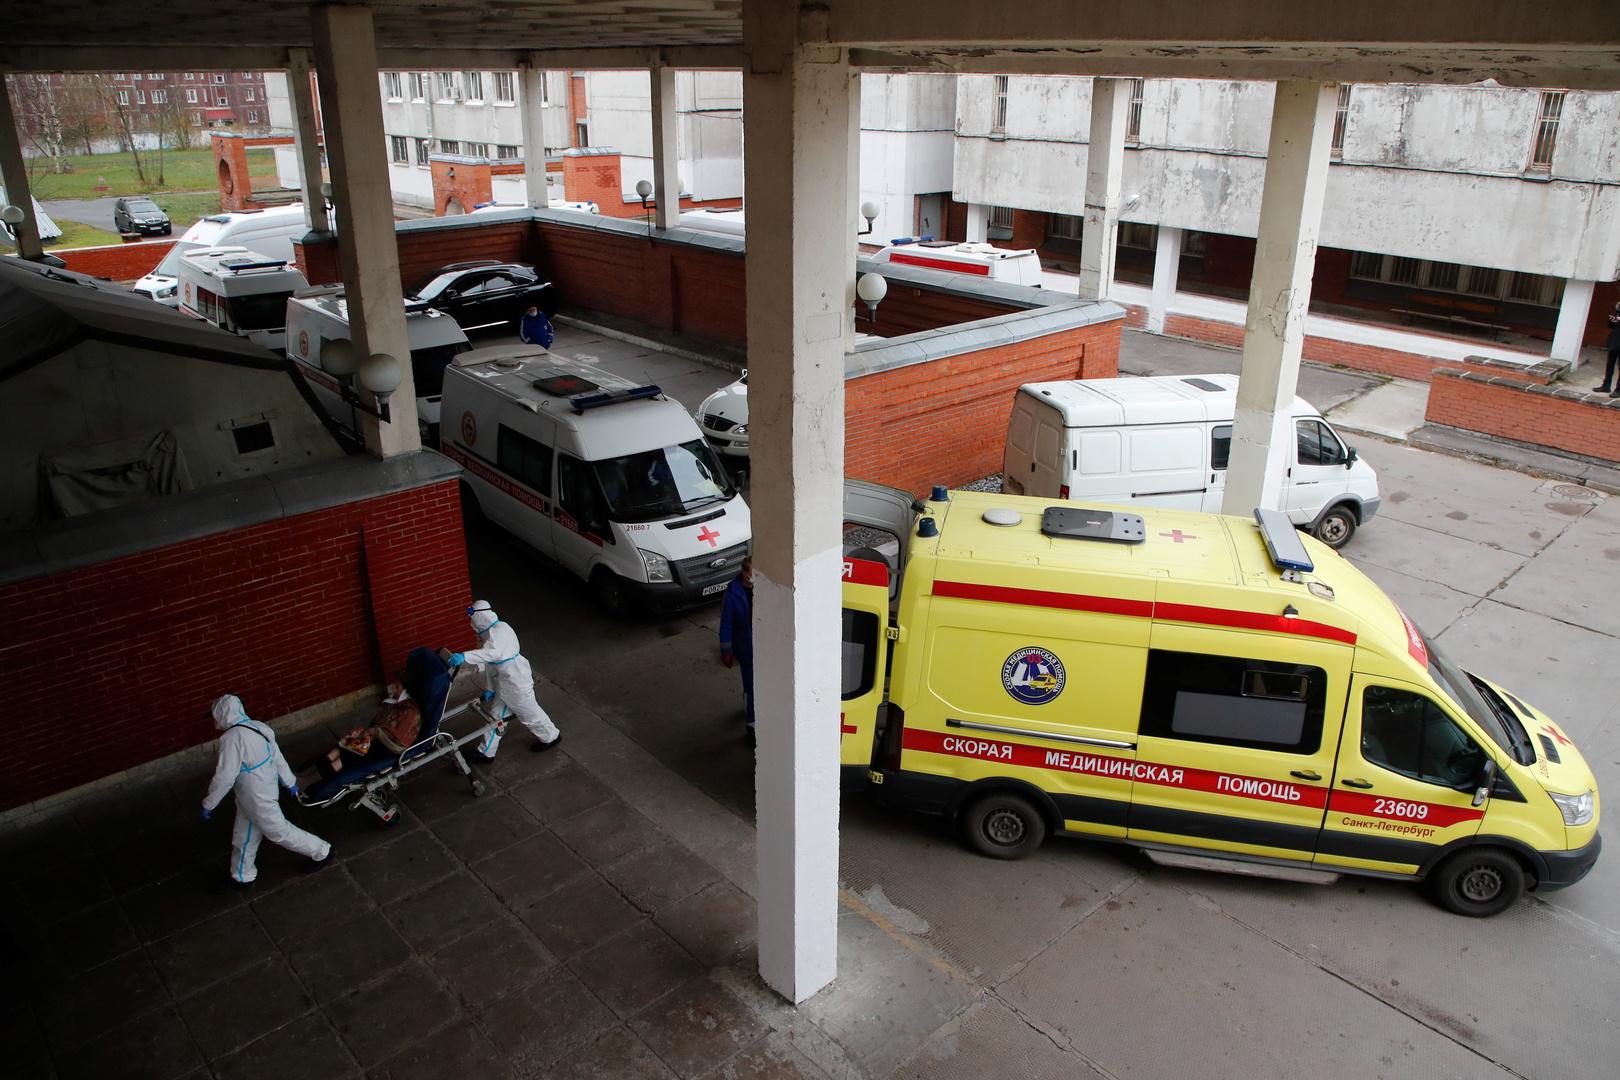 بارتفاع غير مسبوق.. روسيا تسجل 524 وفاة ونحو 25.5 ألف إصابة بكورونا خلال يوم